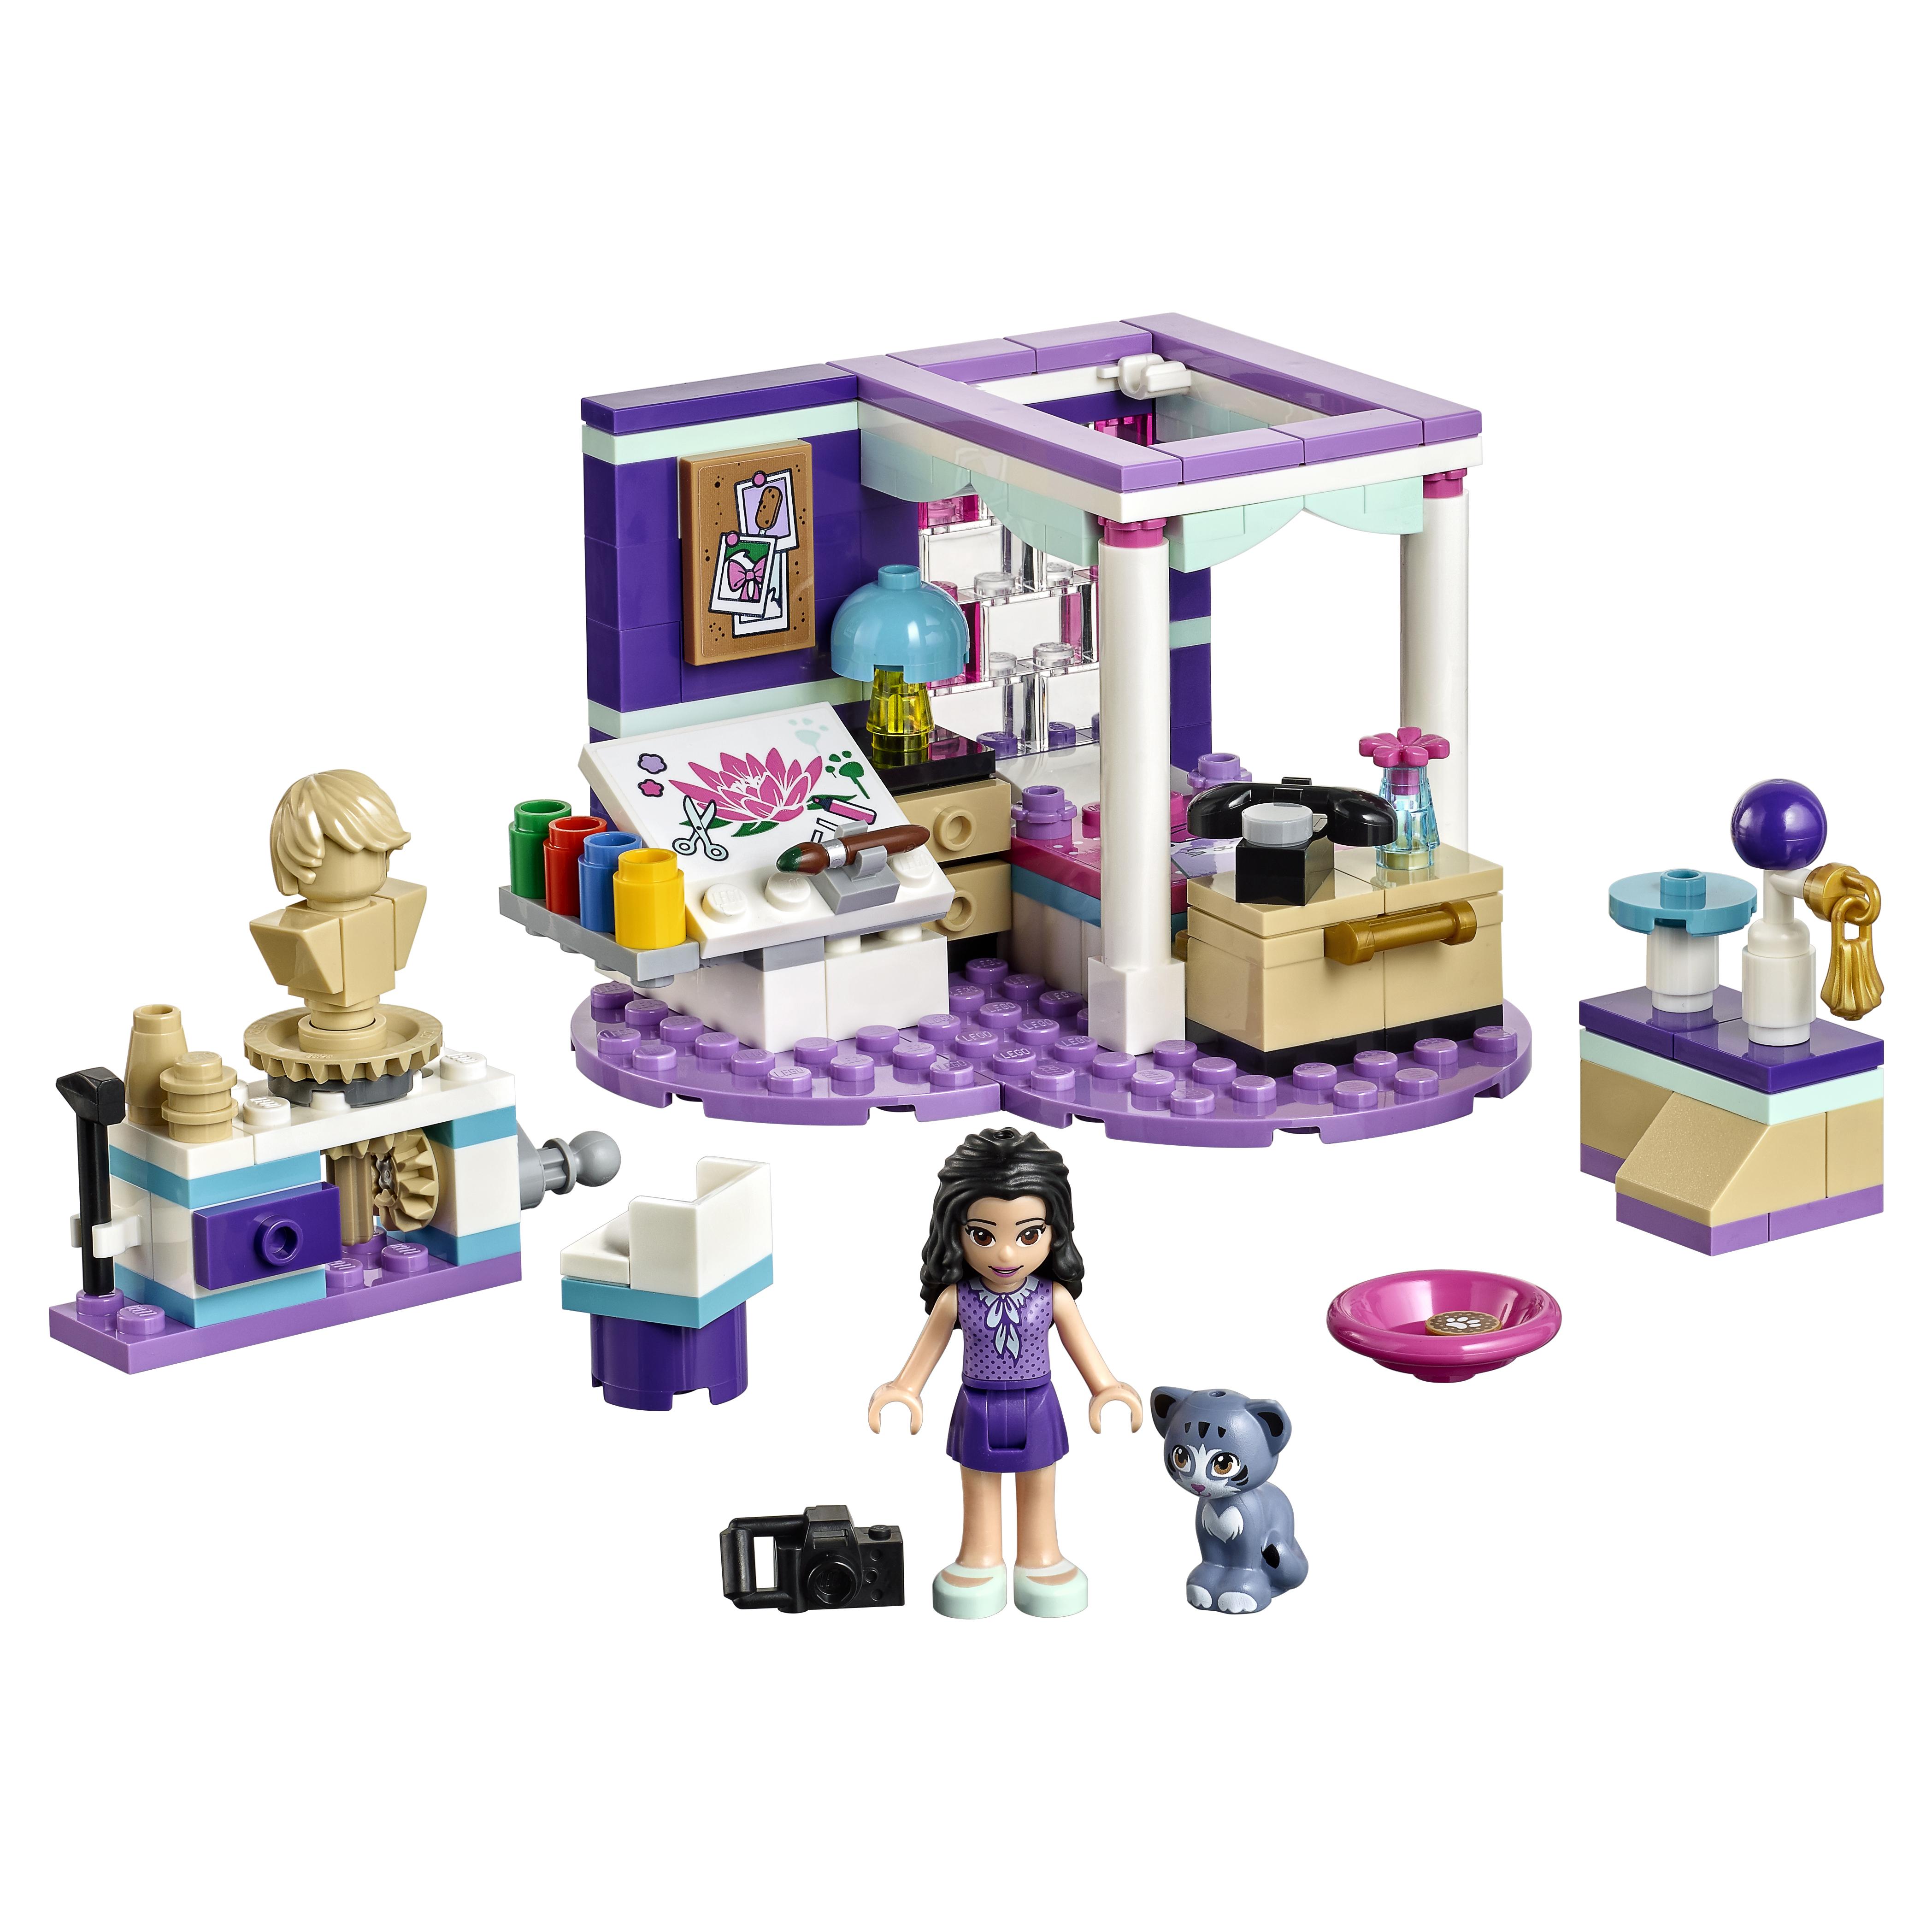 Конструктор LEGO Friends Комната Мии 41342 LEGO